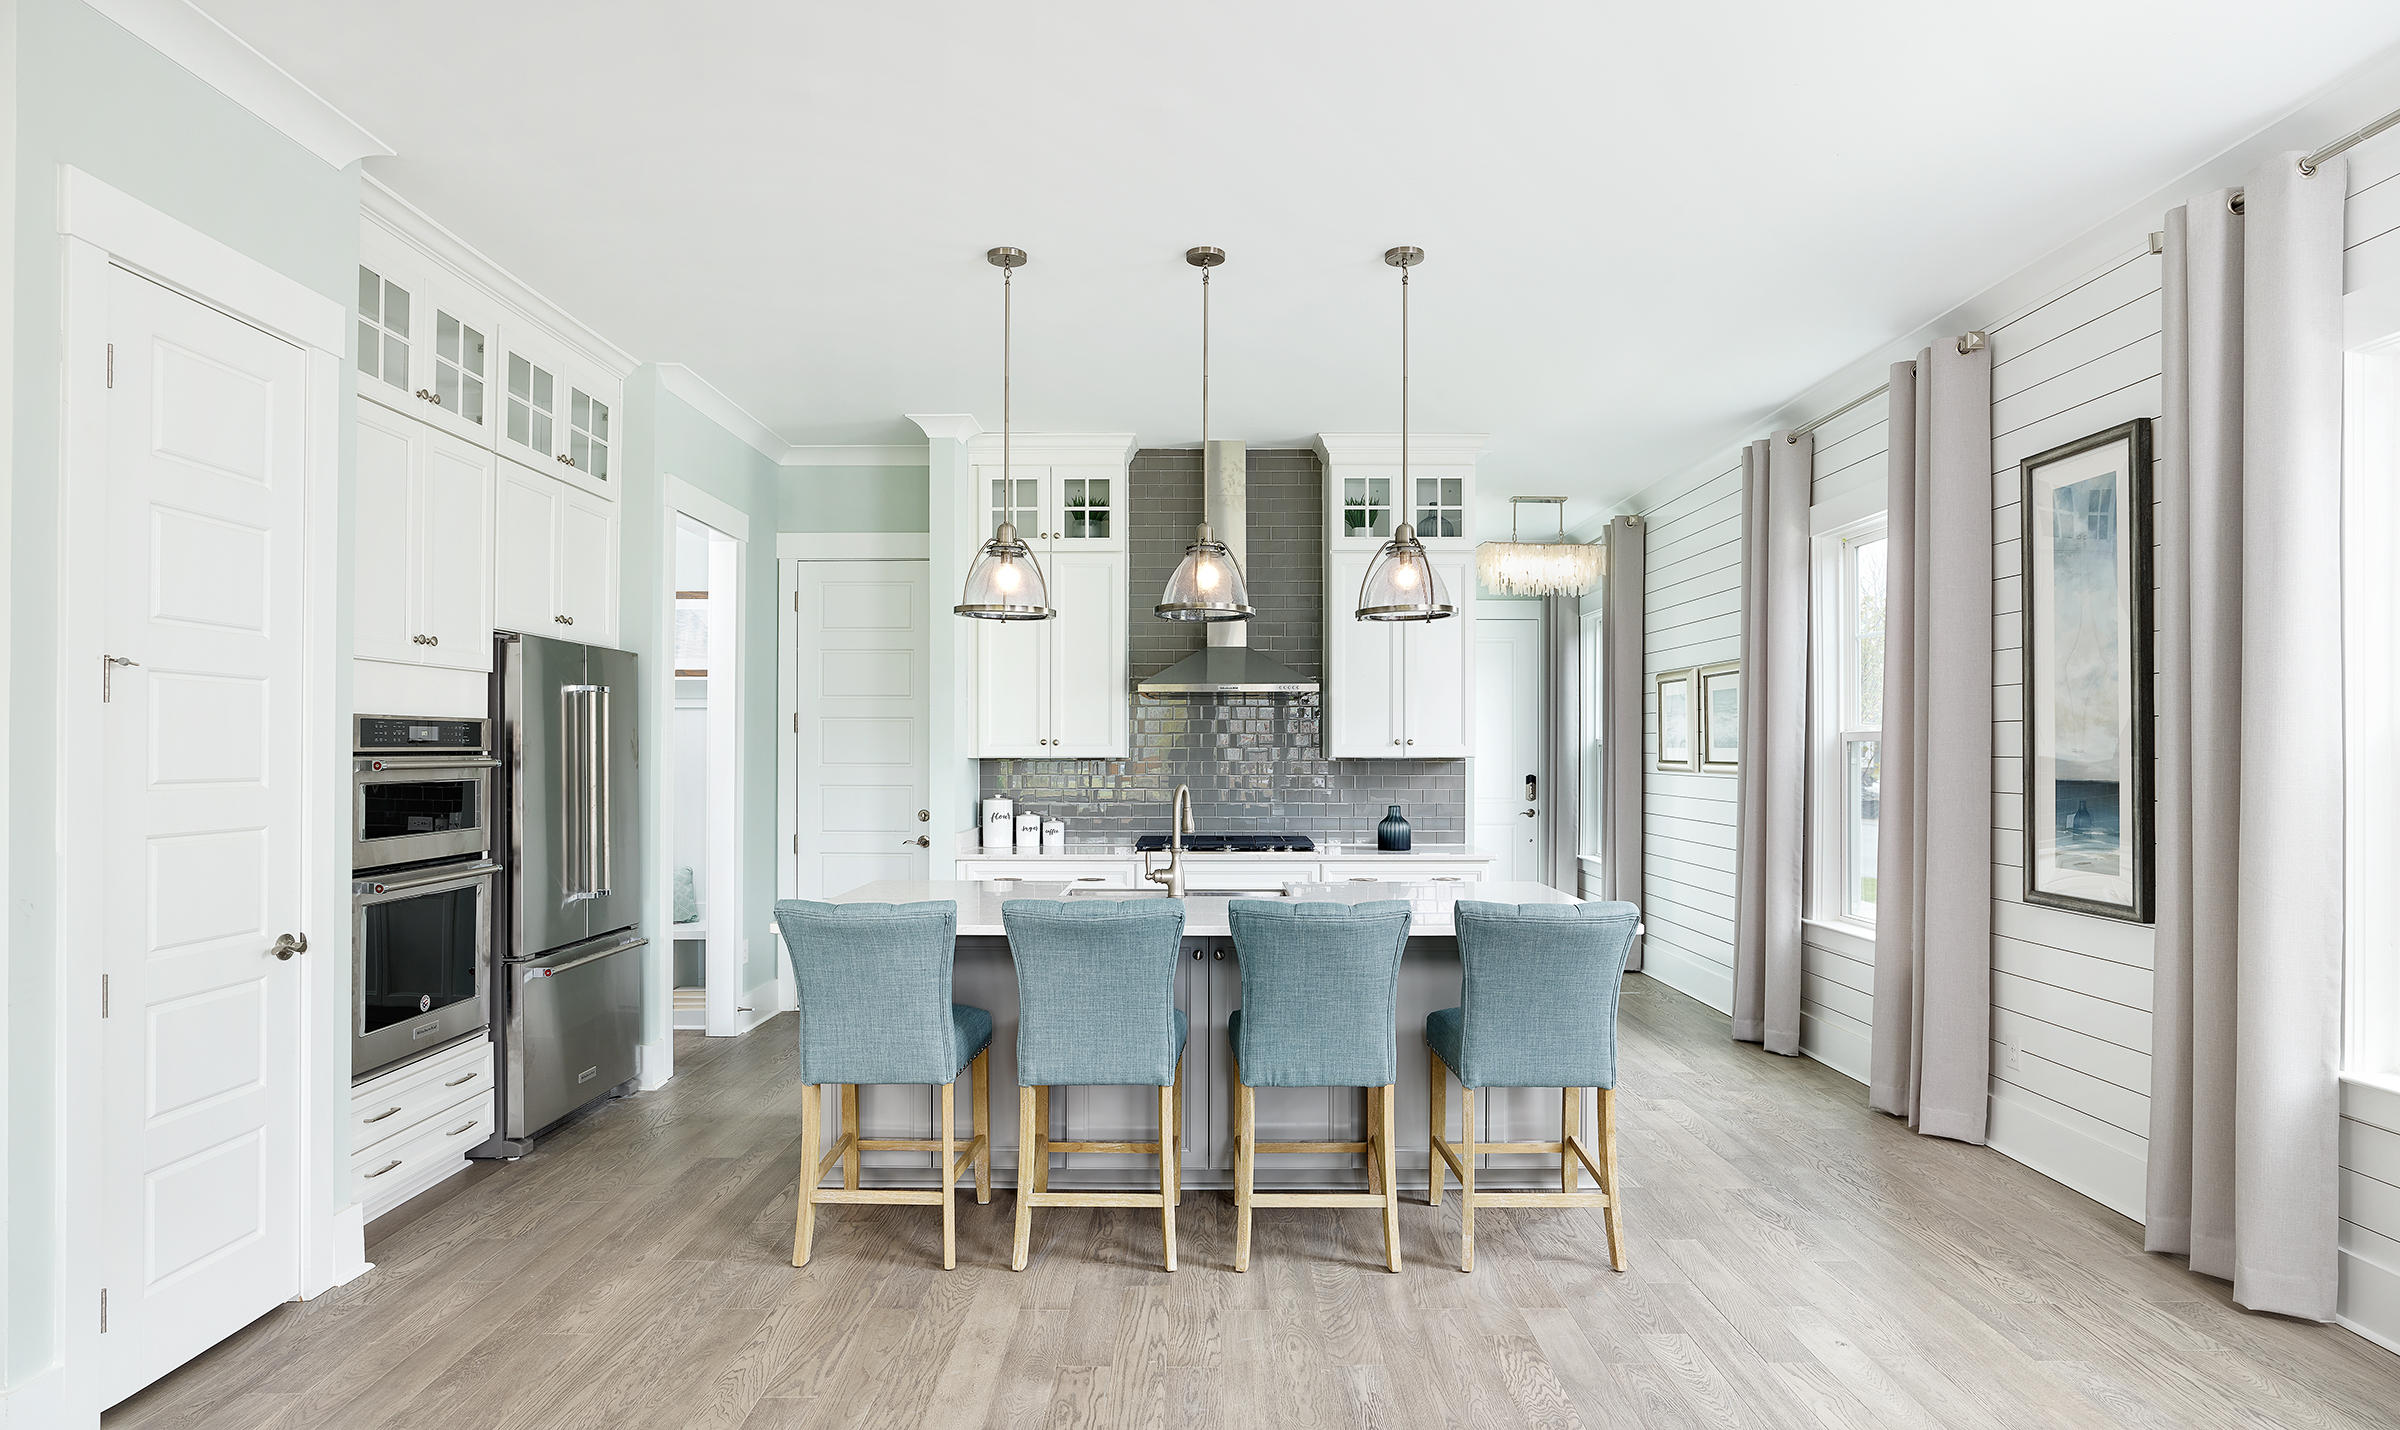 Dunes West Homes For Sale - 2406 Brackish, Mount Pleasant, SC - 0